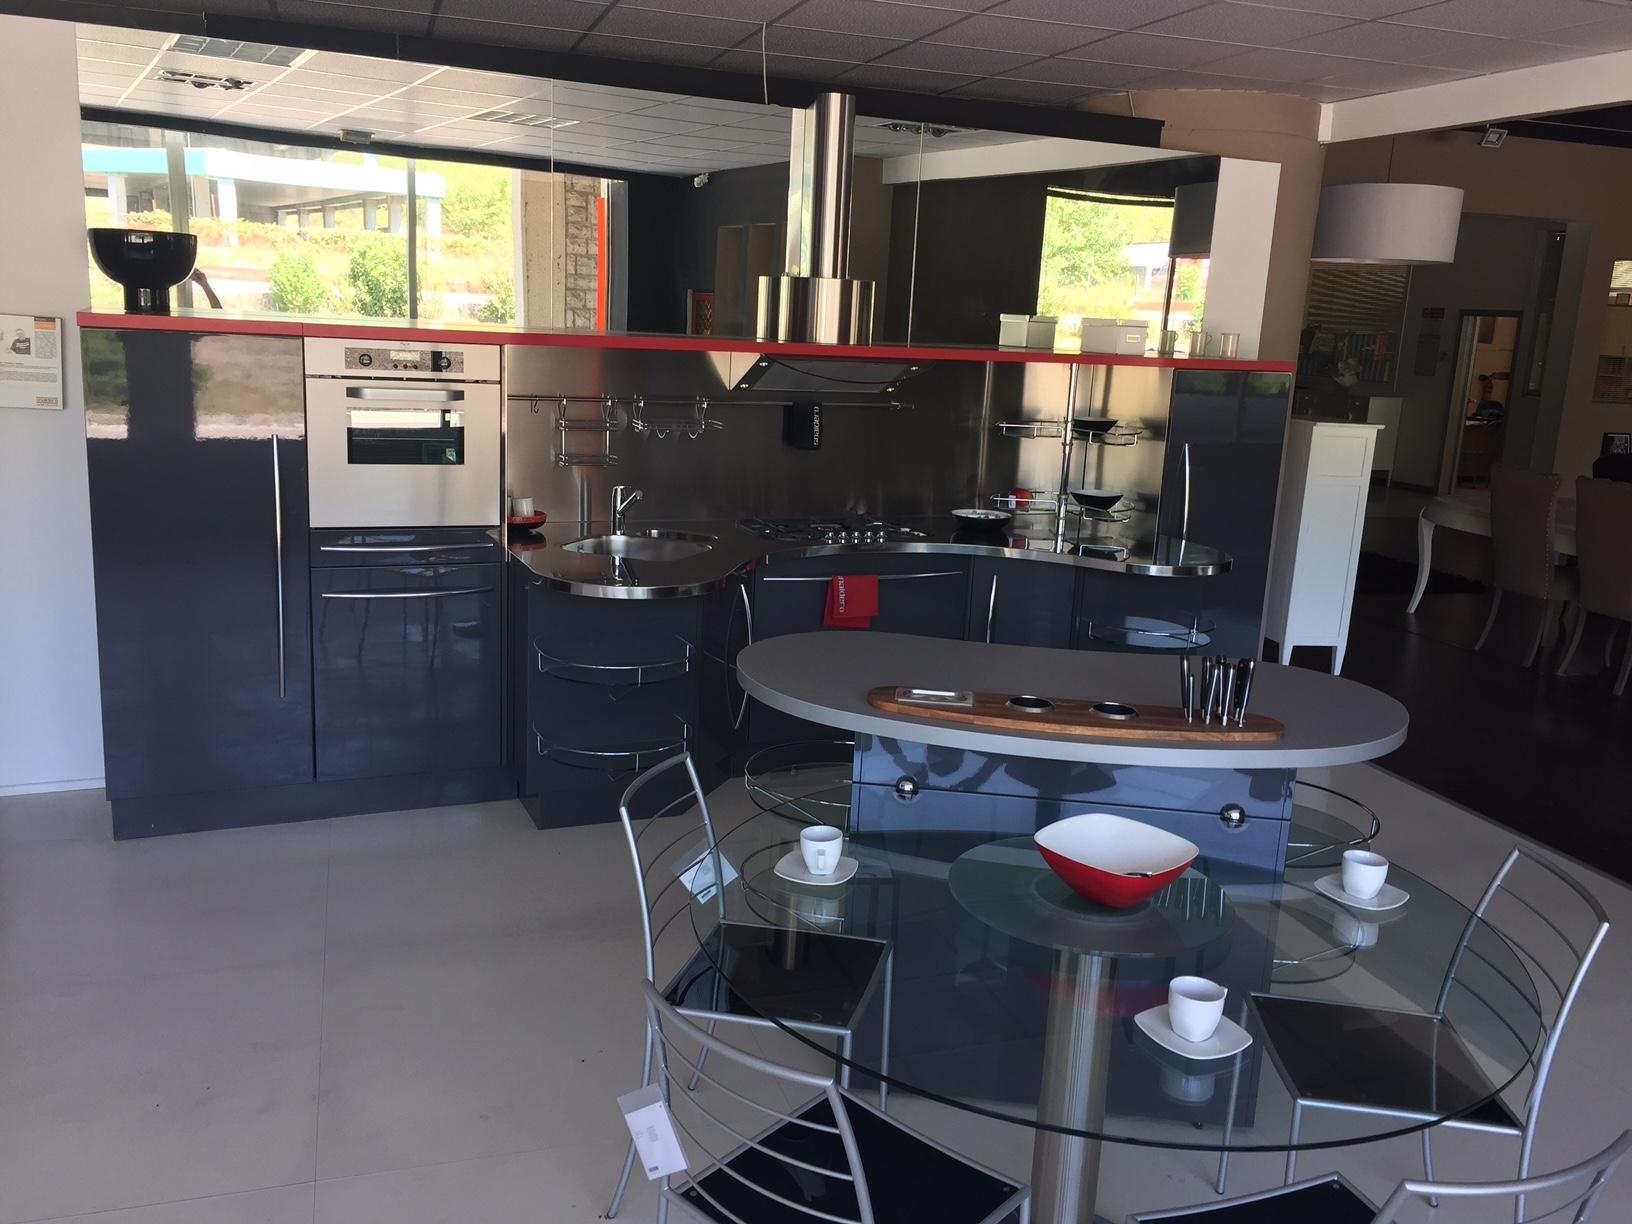 Snaidero cucina sky line laccato lucido cucine a prezzi scontati - Cucina skyline snaidero prezzi ...